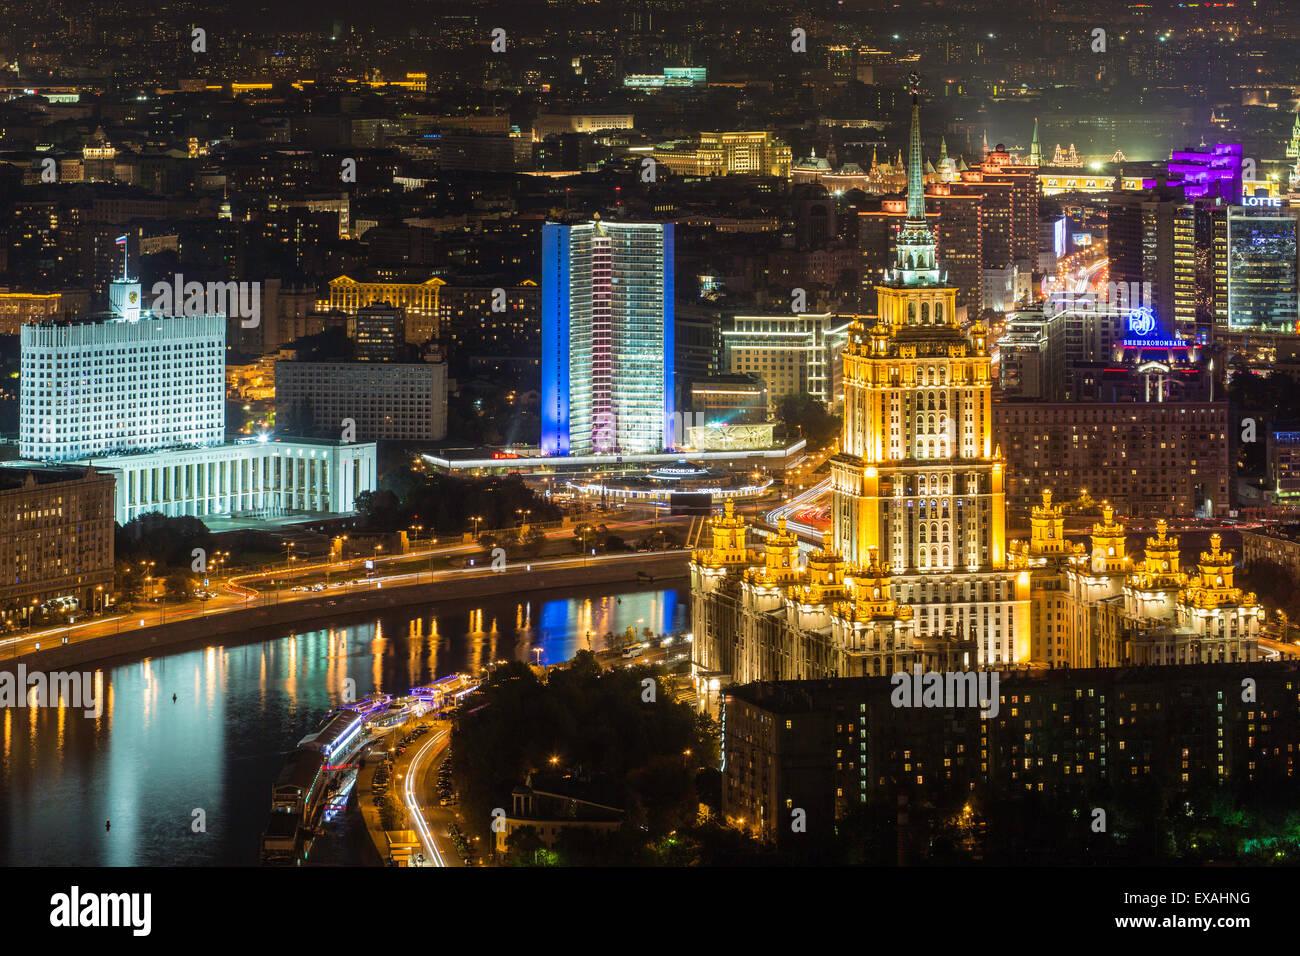 Vista elevada sobre el río Moskva embankment, Hotel de Ucrania y de la Casa Blanca rusa, Moscú, Rusia, Imagen De Stock